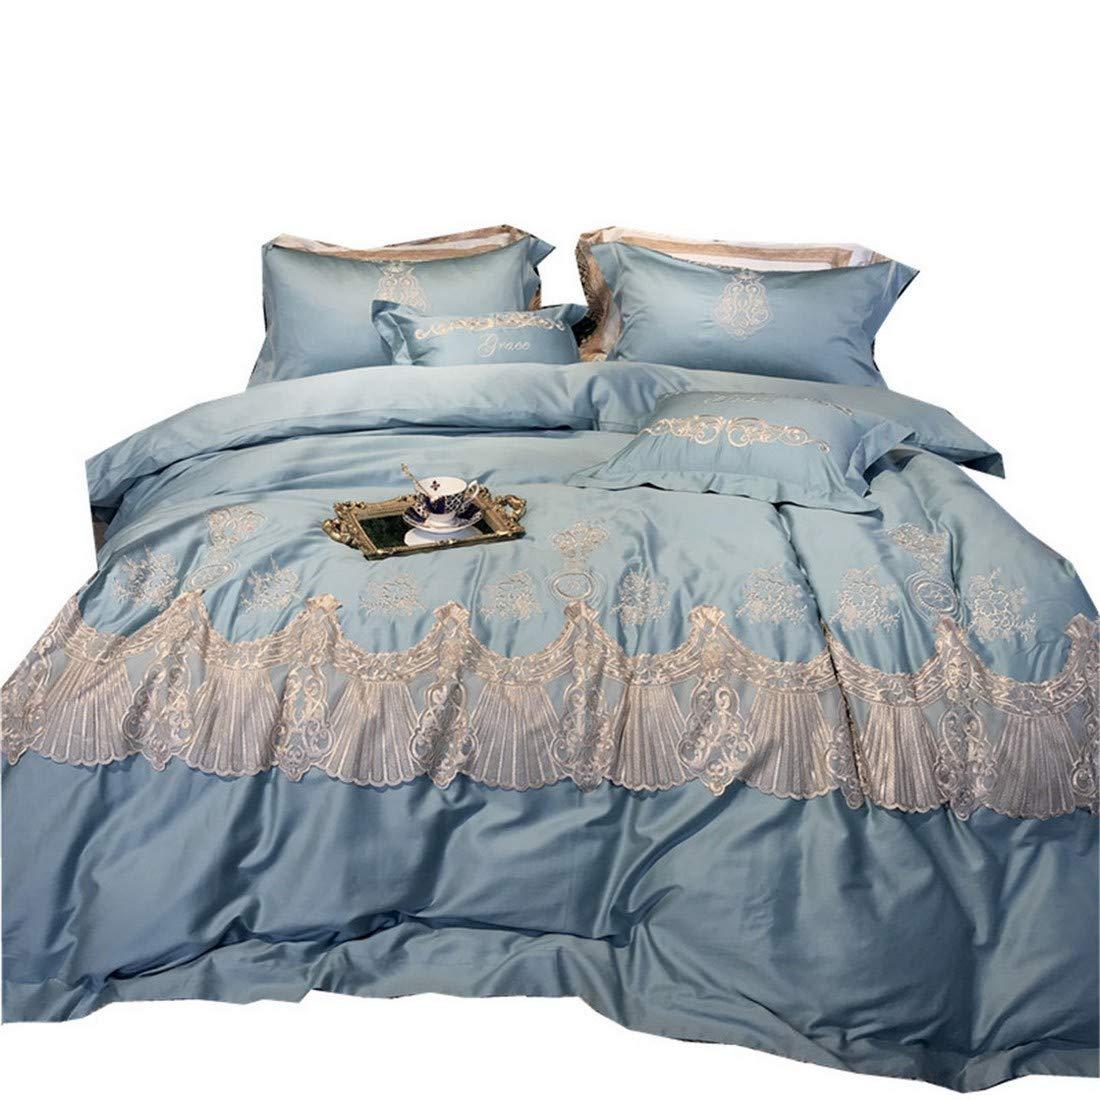 Kainuoo 4枚のレース刺繍寝具ピュアコットンサテン寝具セット (Size : QUEEN) B07N1KNYPS  Queen